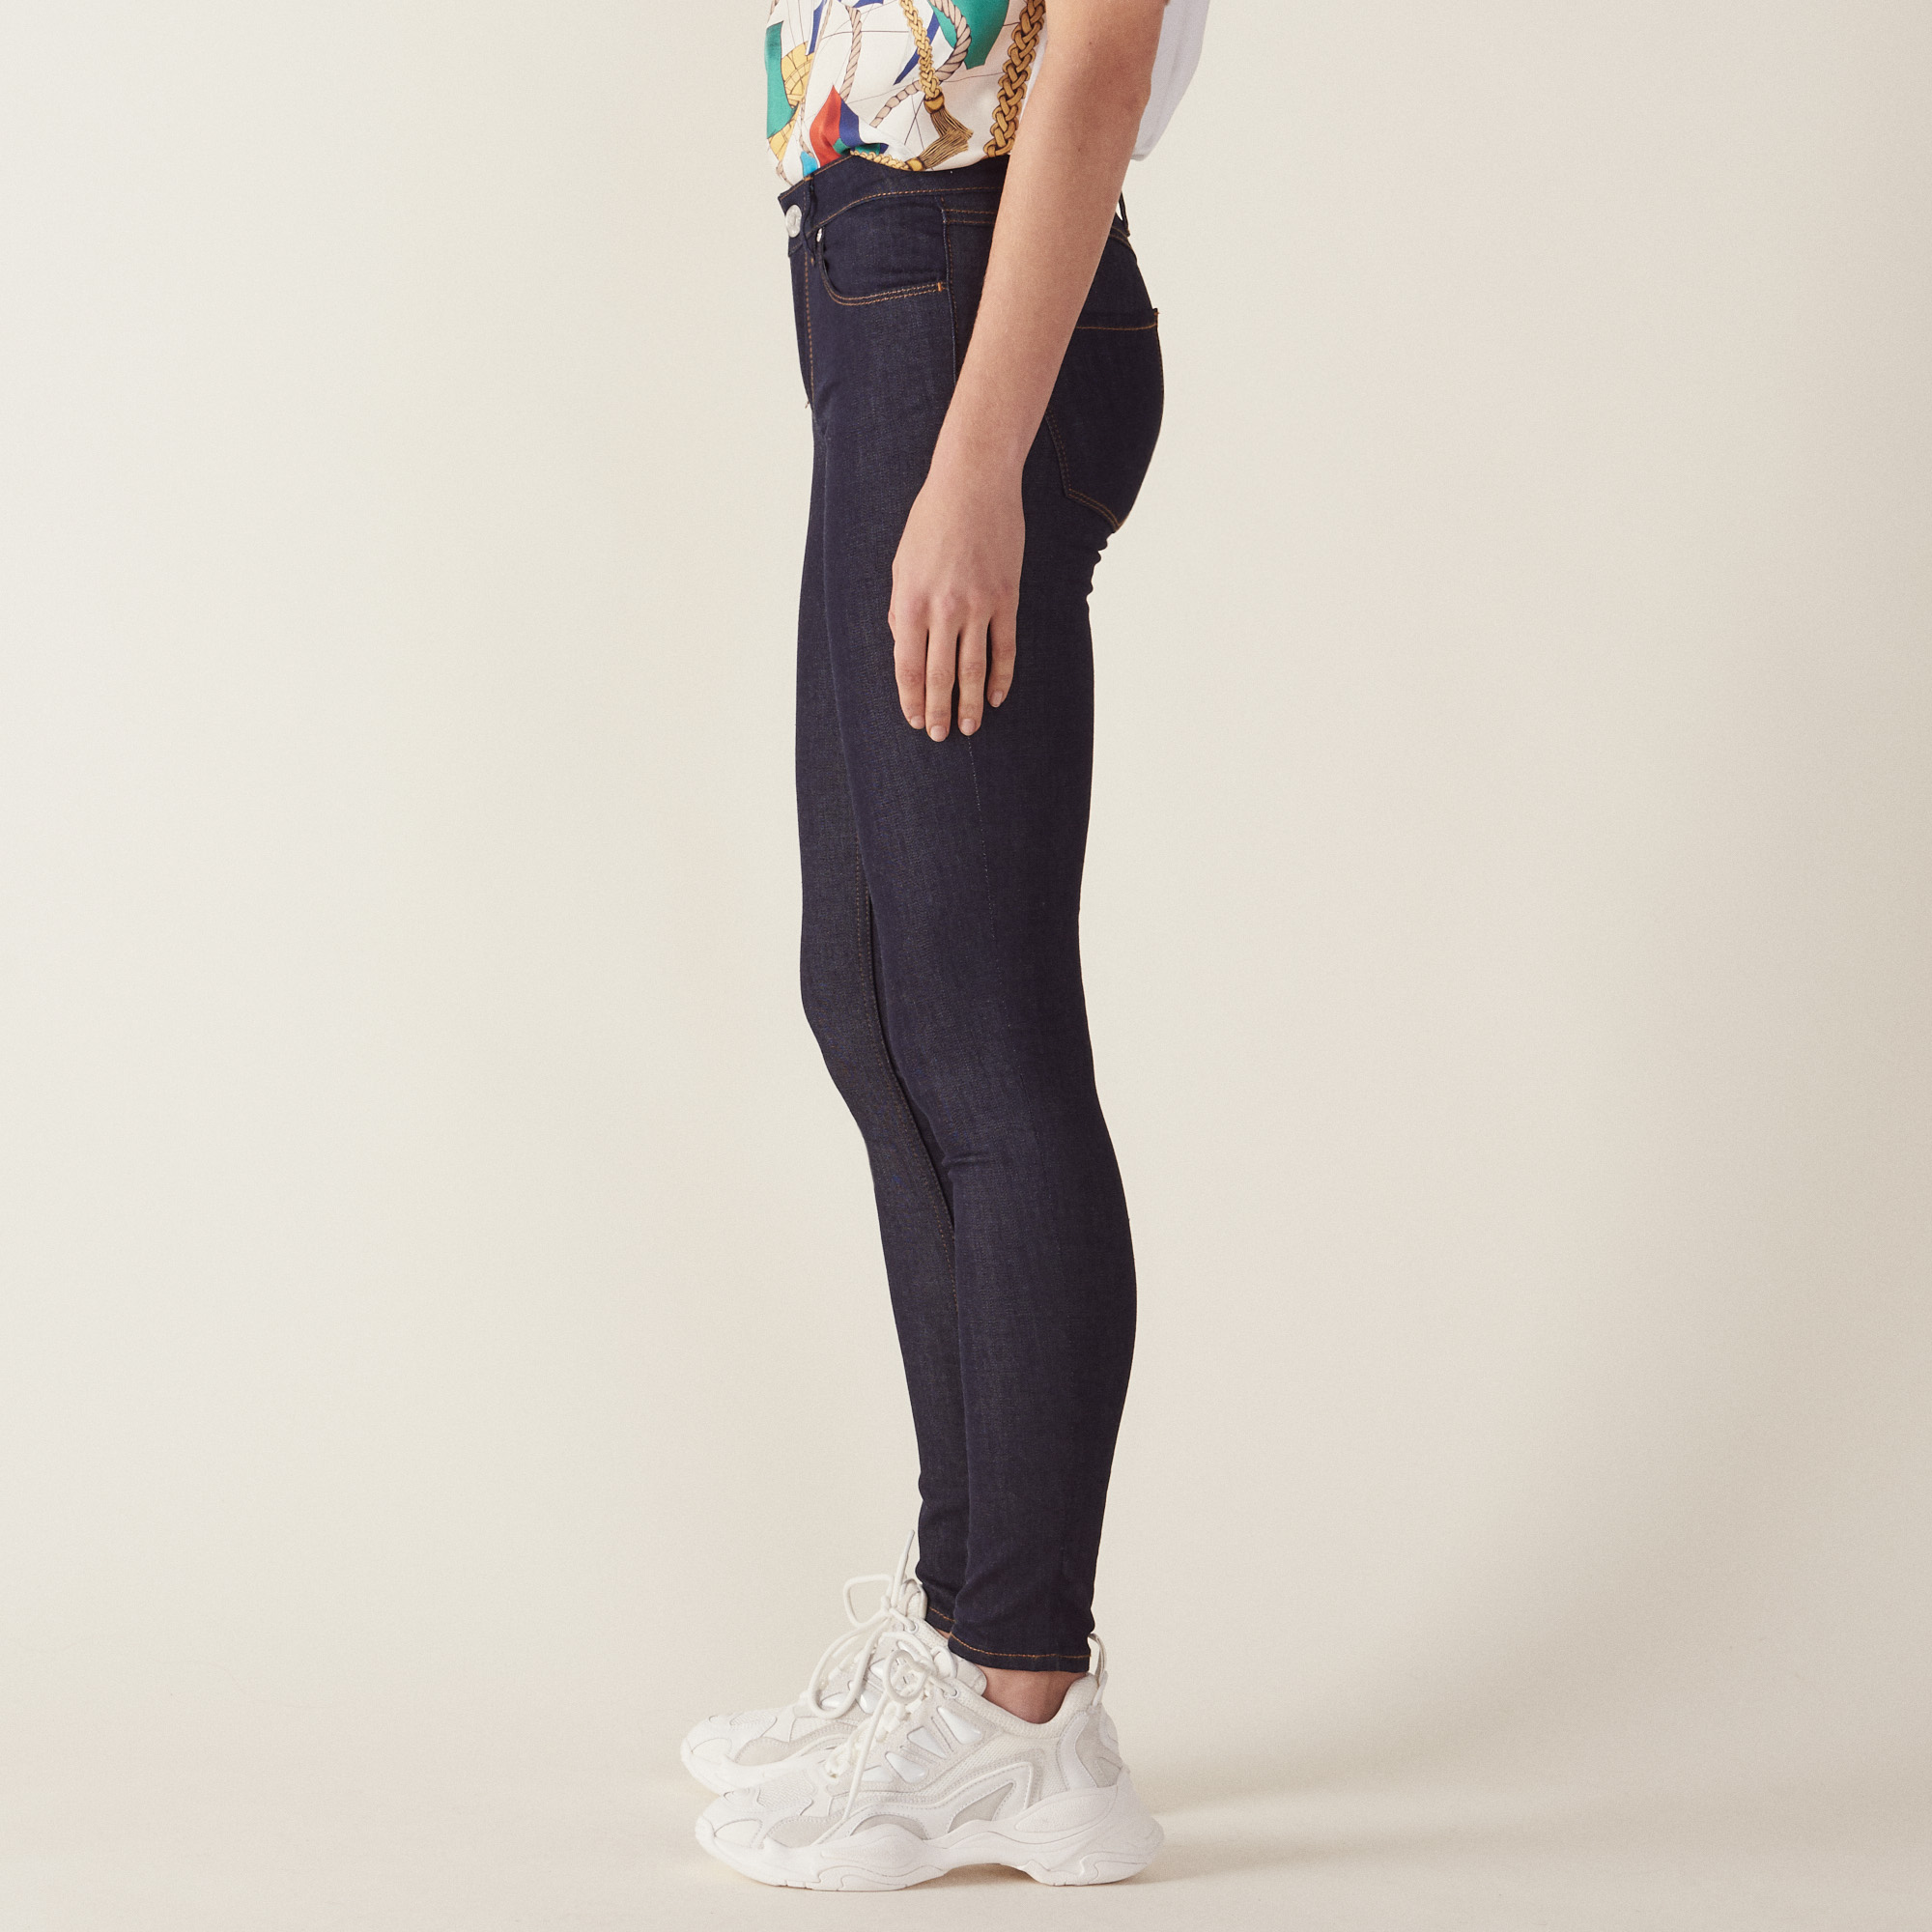 Raw Denim Skinny Jeans